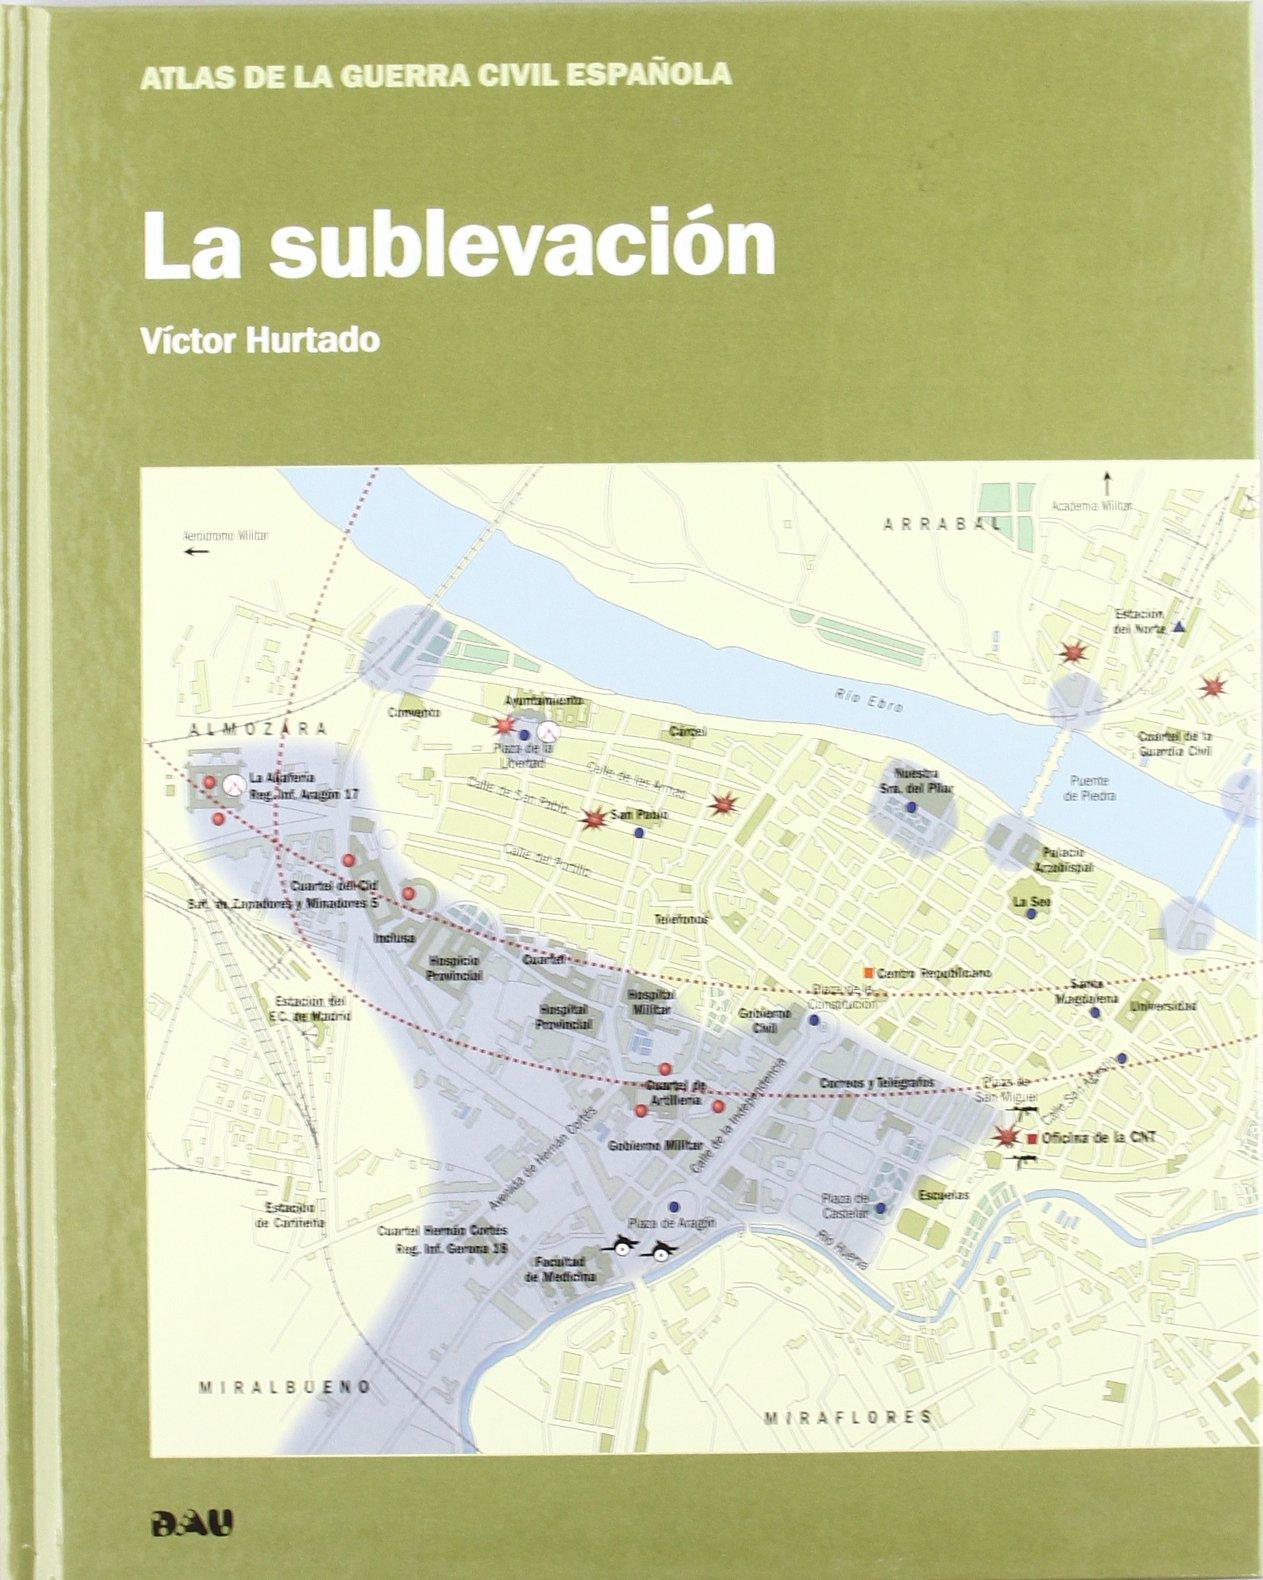 SUBLEVACION,LA (ATLAS DE LA GUERRA CIVIL ESPAÑOLA): Amazon.es: Hurtado Víctor: Libros